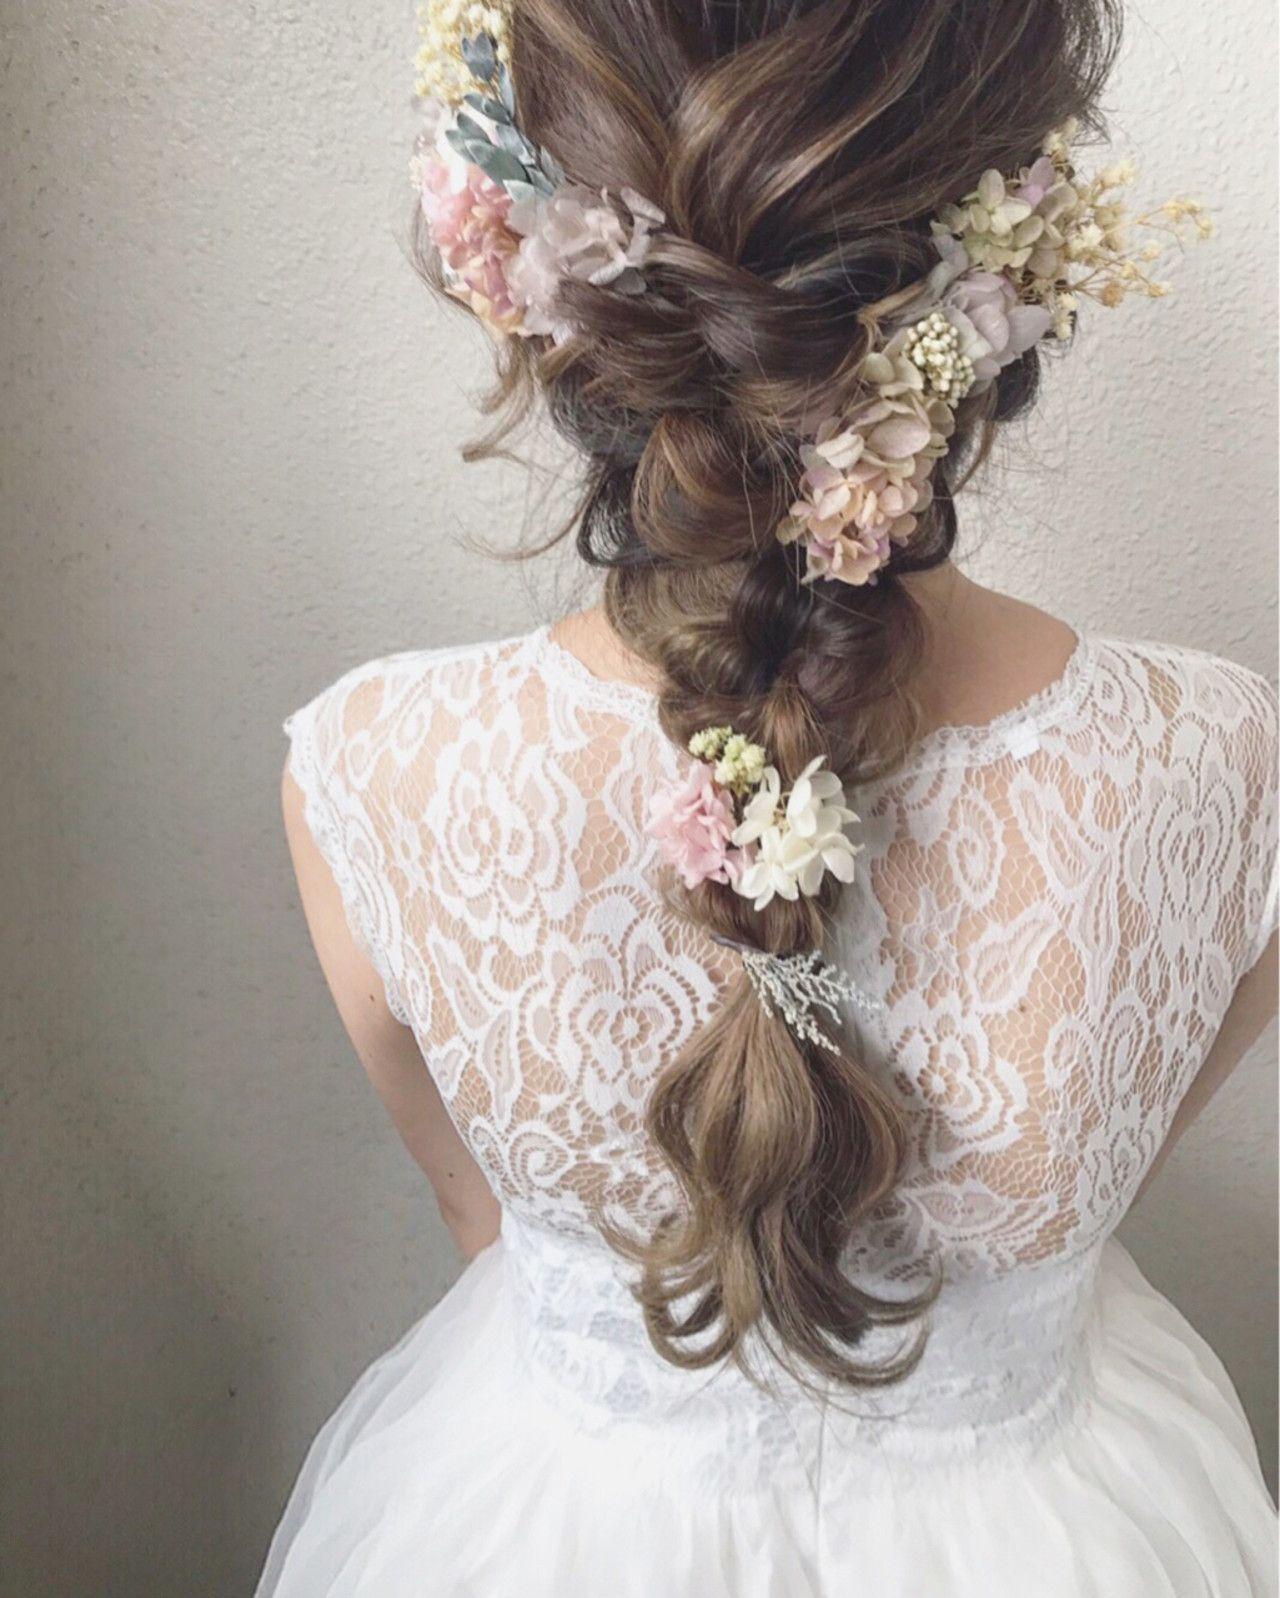 ウェディングドレスに似合う髪型はこれ レングス別に紹介します